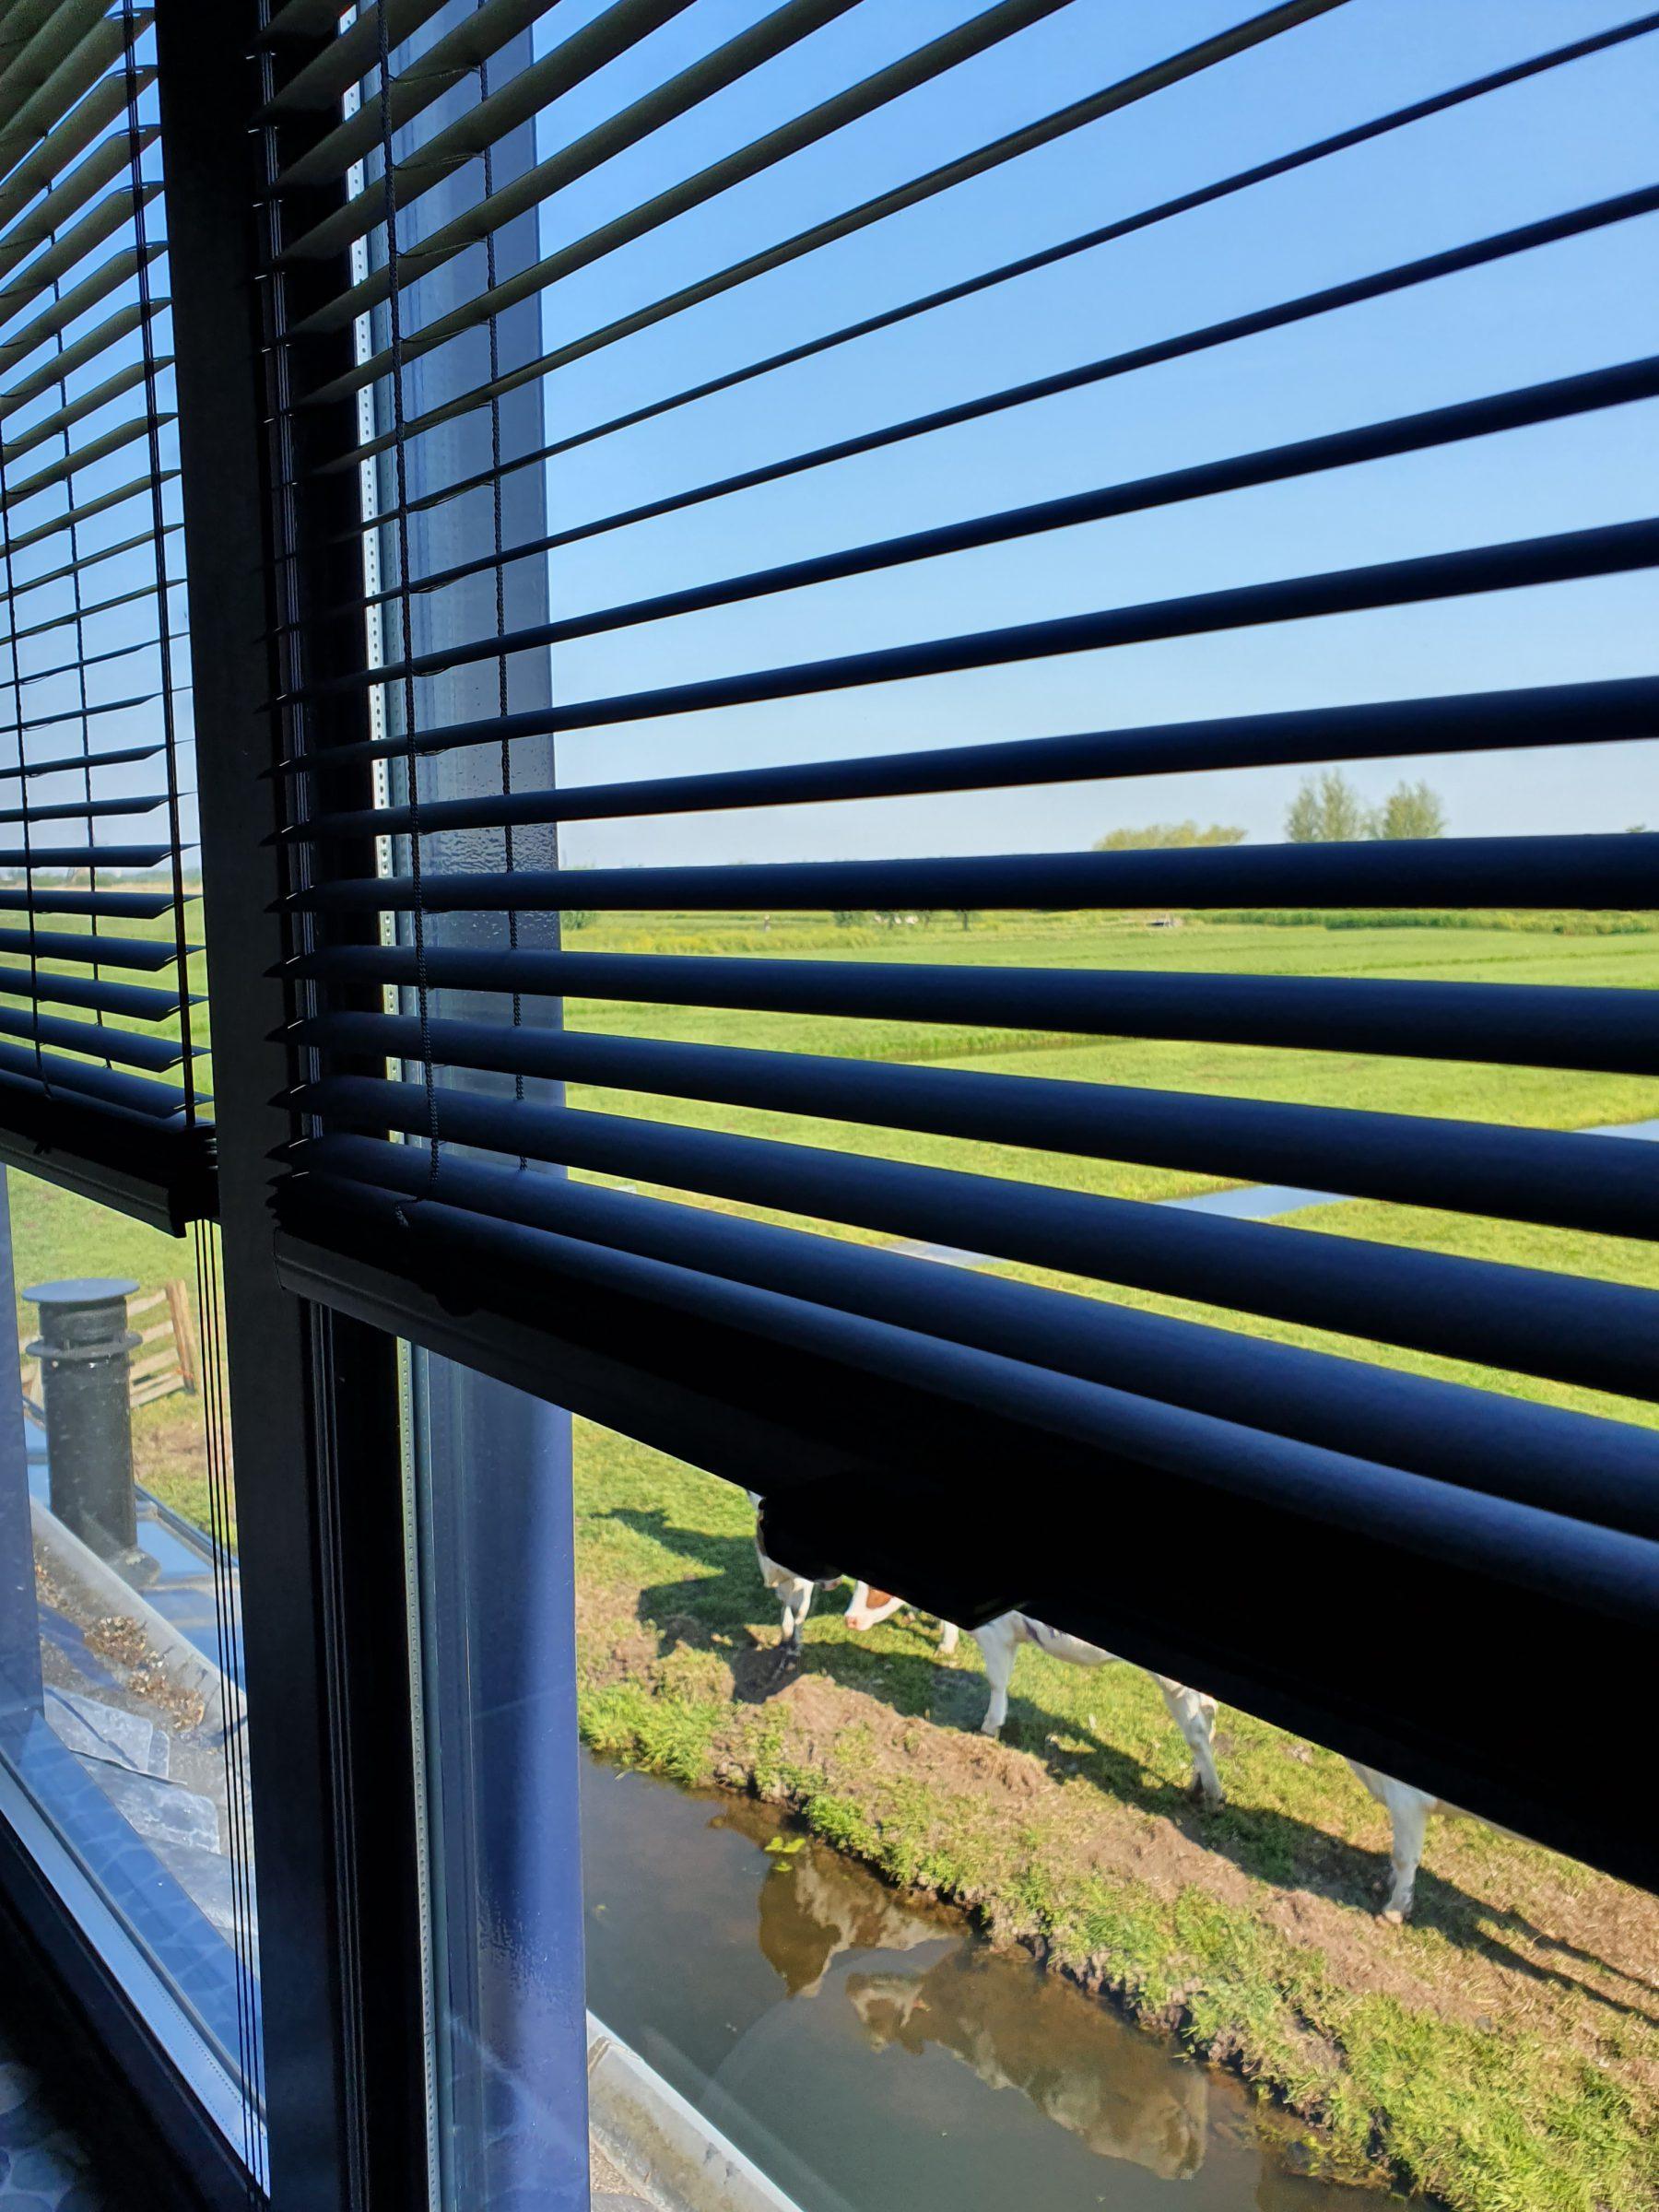 Raamdecoratie - Montage horizontale jaloezieen op het raam